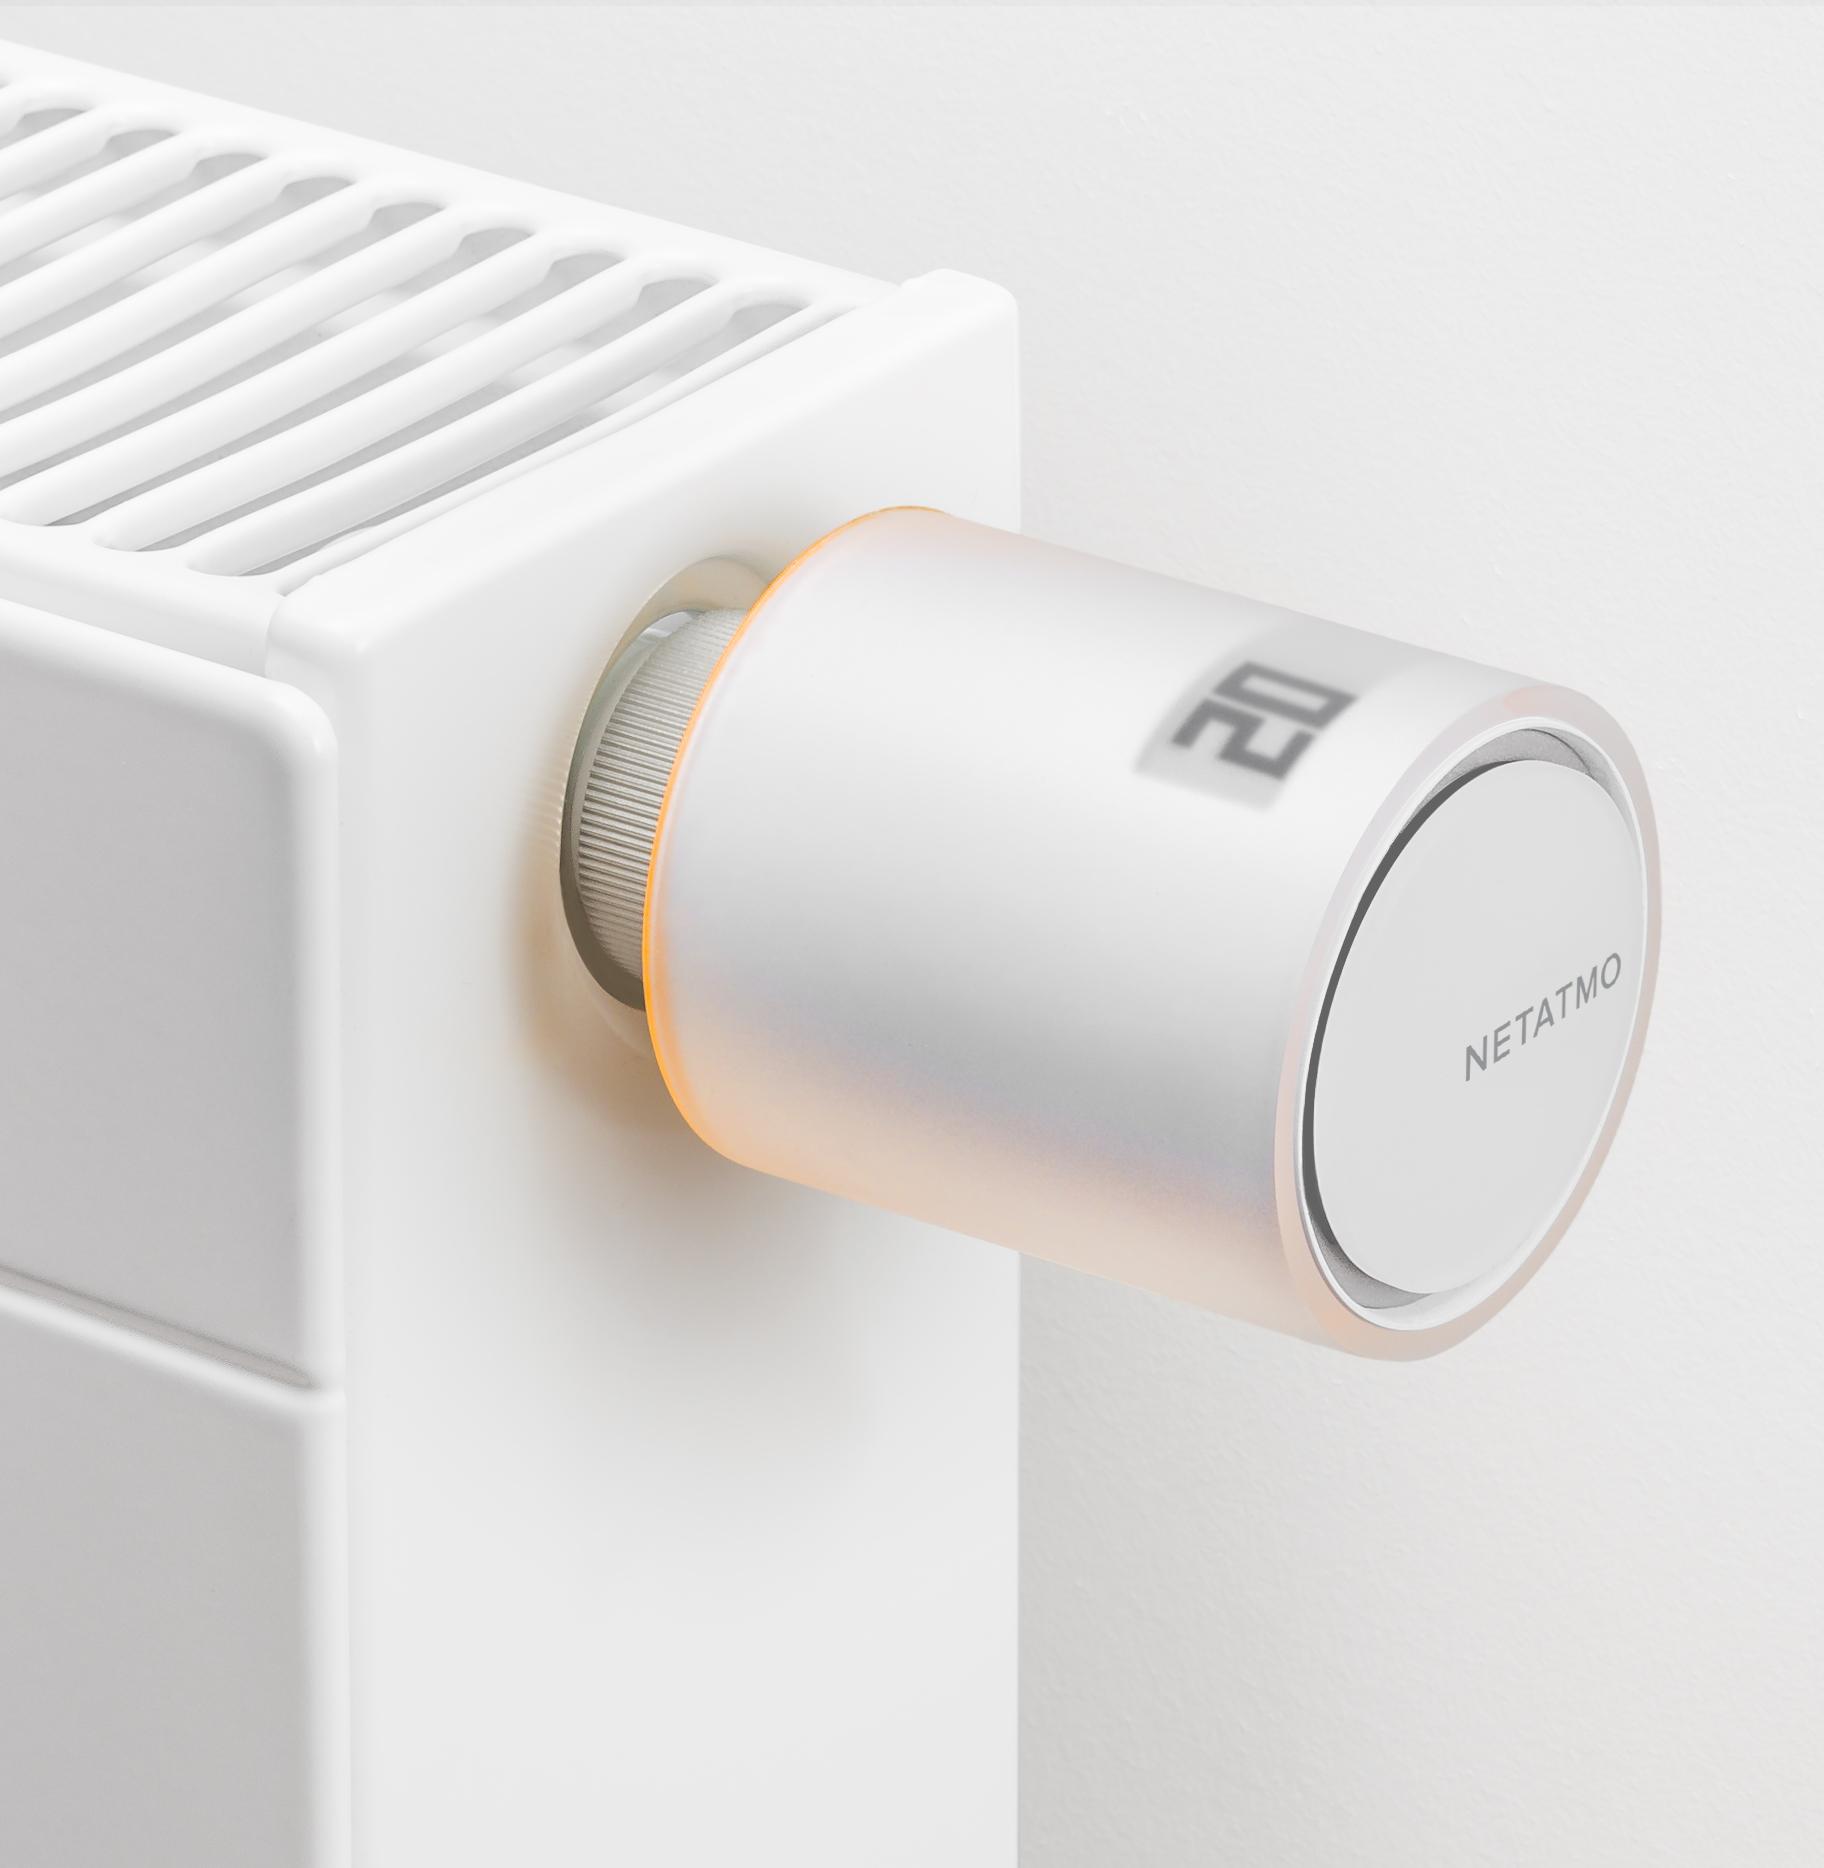 Die smarten Heizkörperthermostate sind dank beiliegenden Adaptern mit fast jedem Heizkkörper kompatibel.